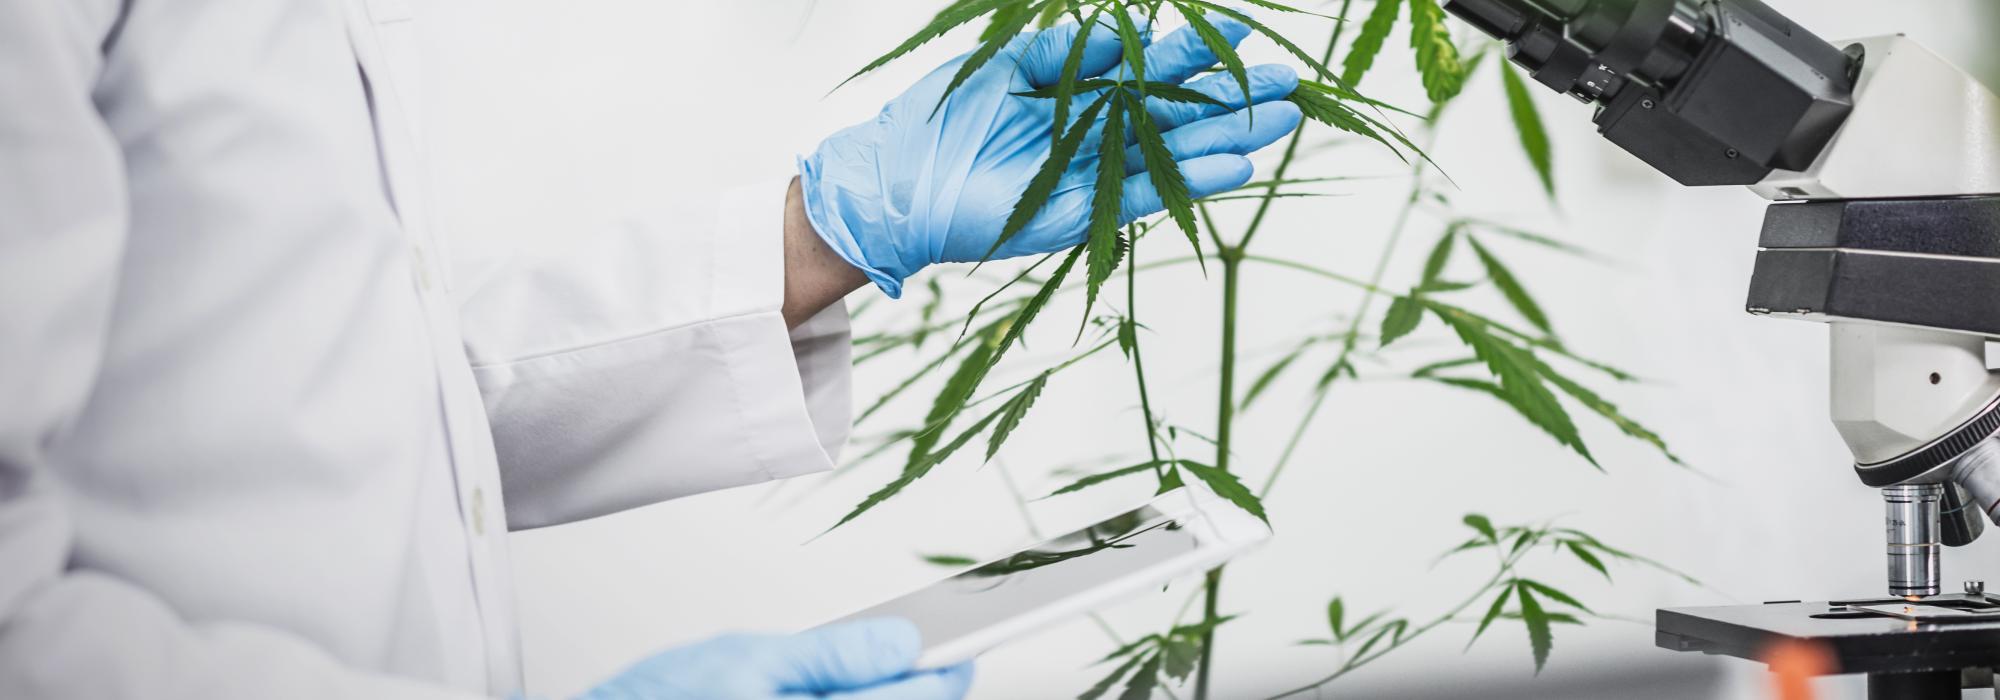 Cannabis terapeutica uno studio nella regione Veneto